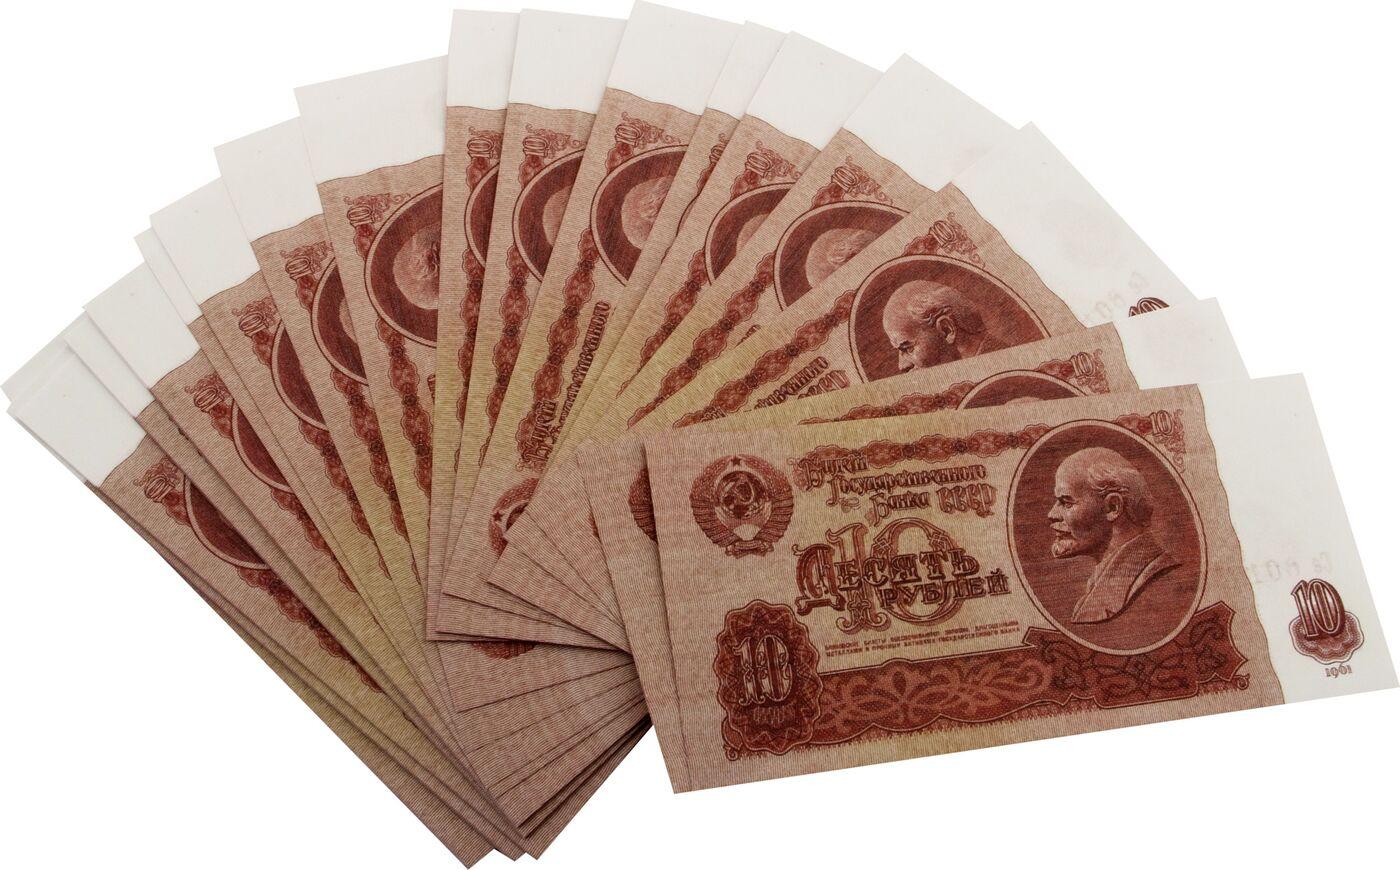 Сувенирные деньги Эврика Забавная пачка СССР 10 рублей сувенир печатная продукция сувенирные деньги 100 дублей